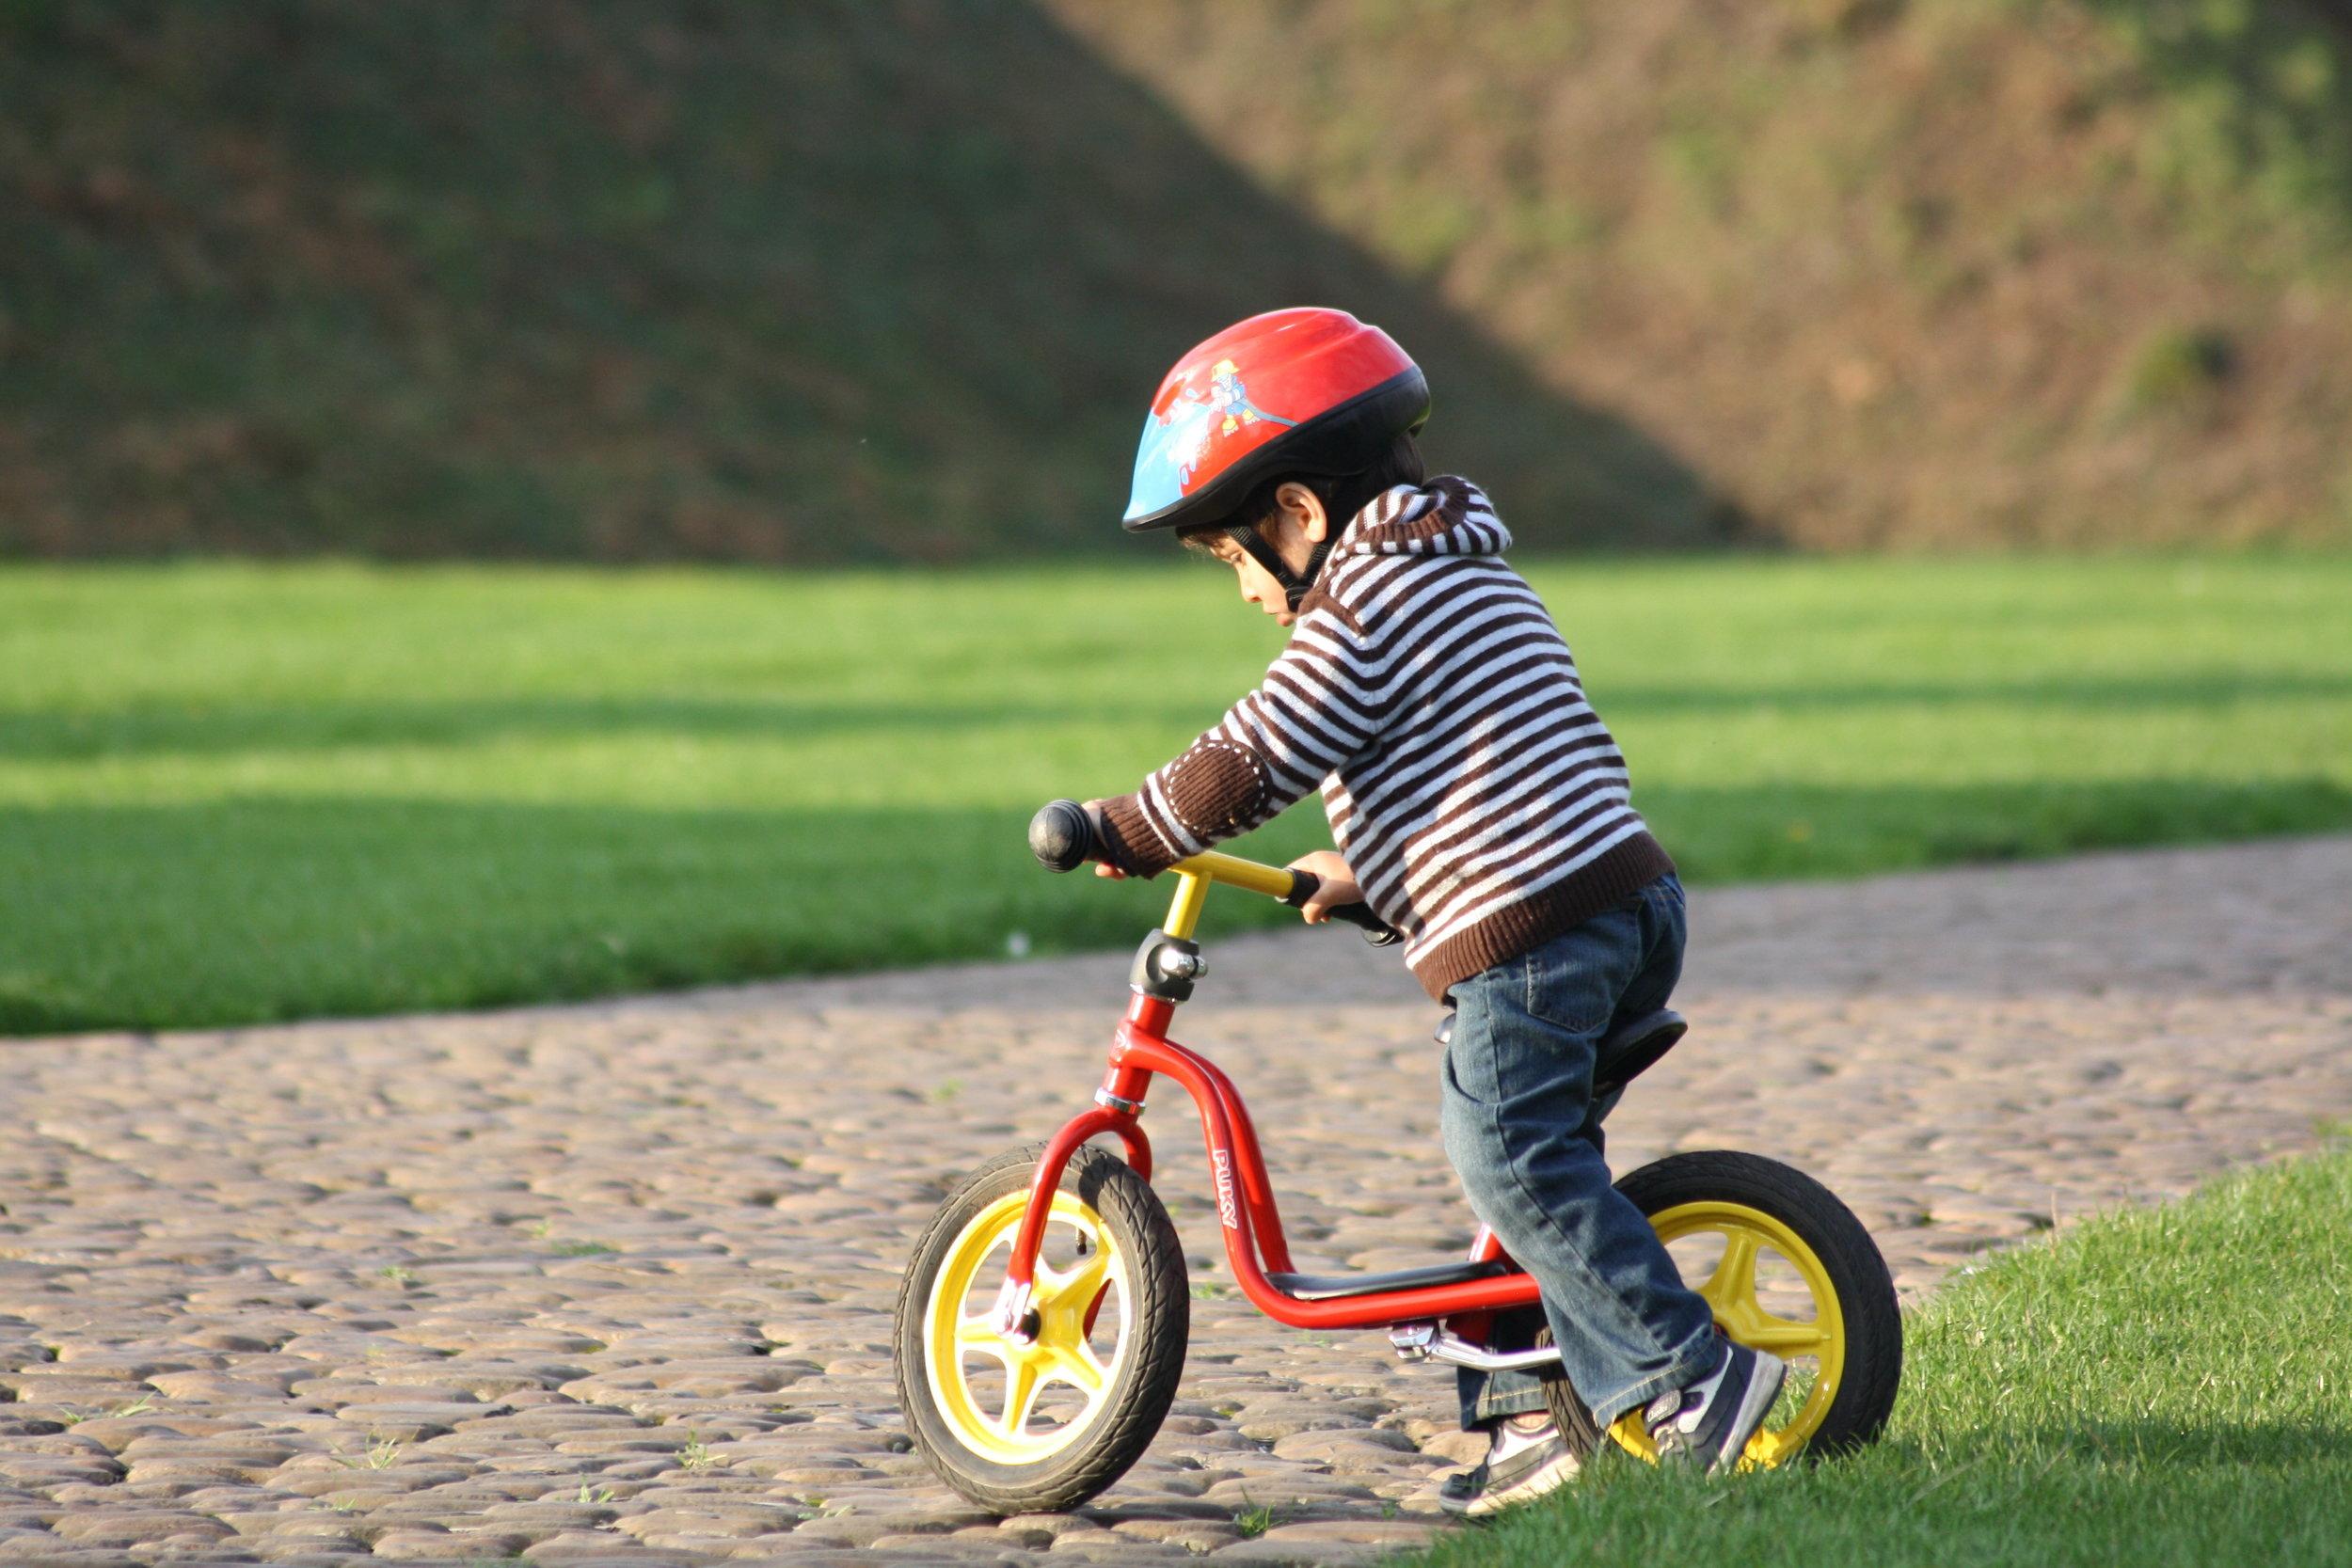 stockvault-little-boy-on-bike129712.jpg